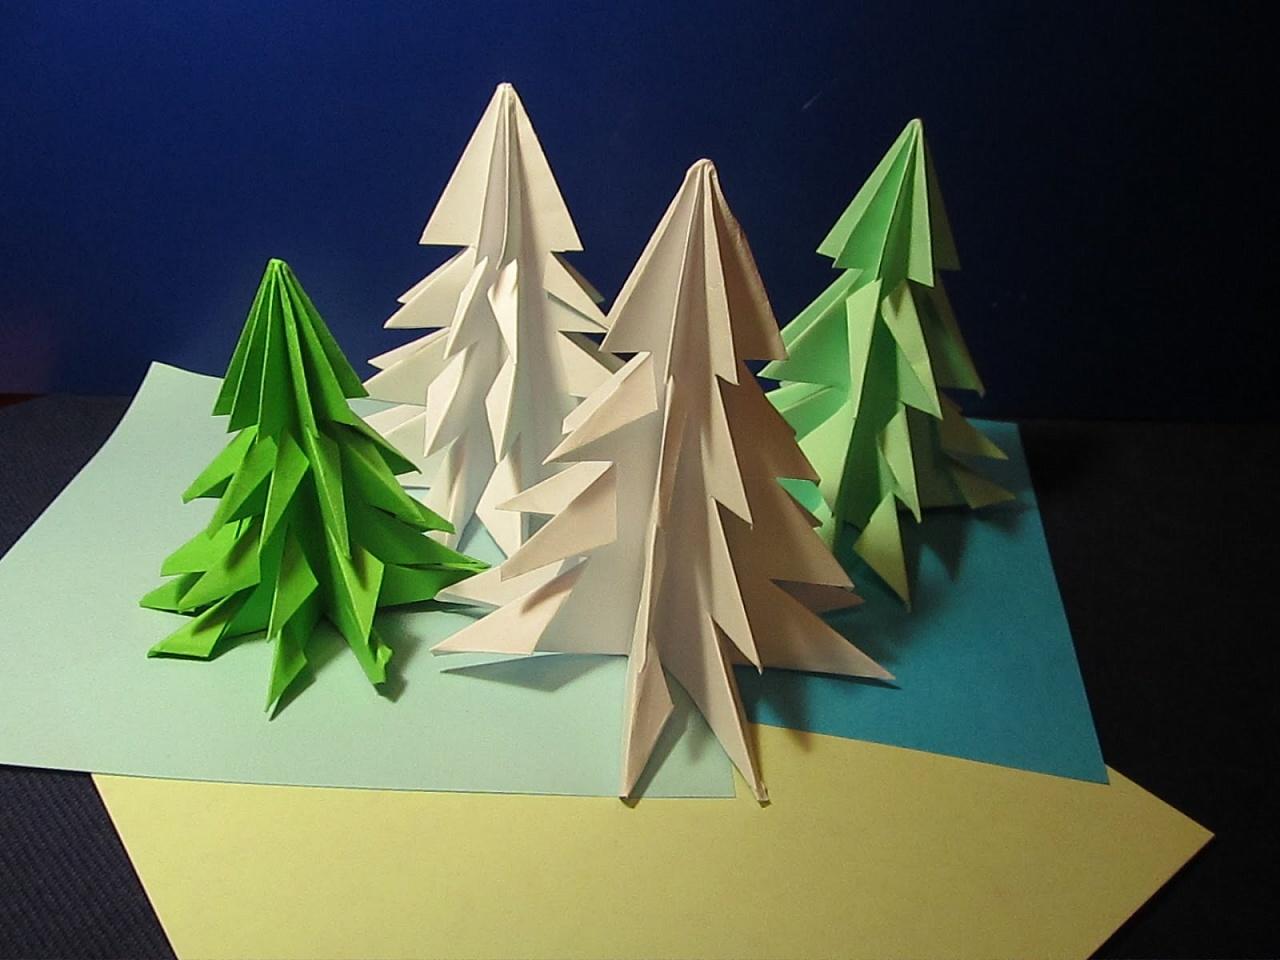 подделки из модулей со схемой сборки елка